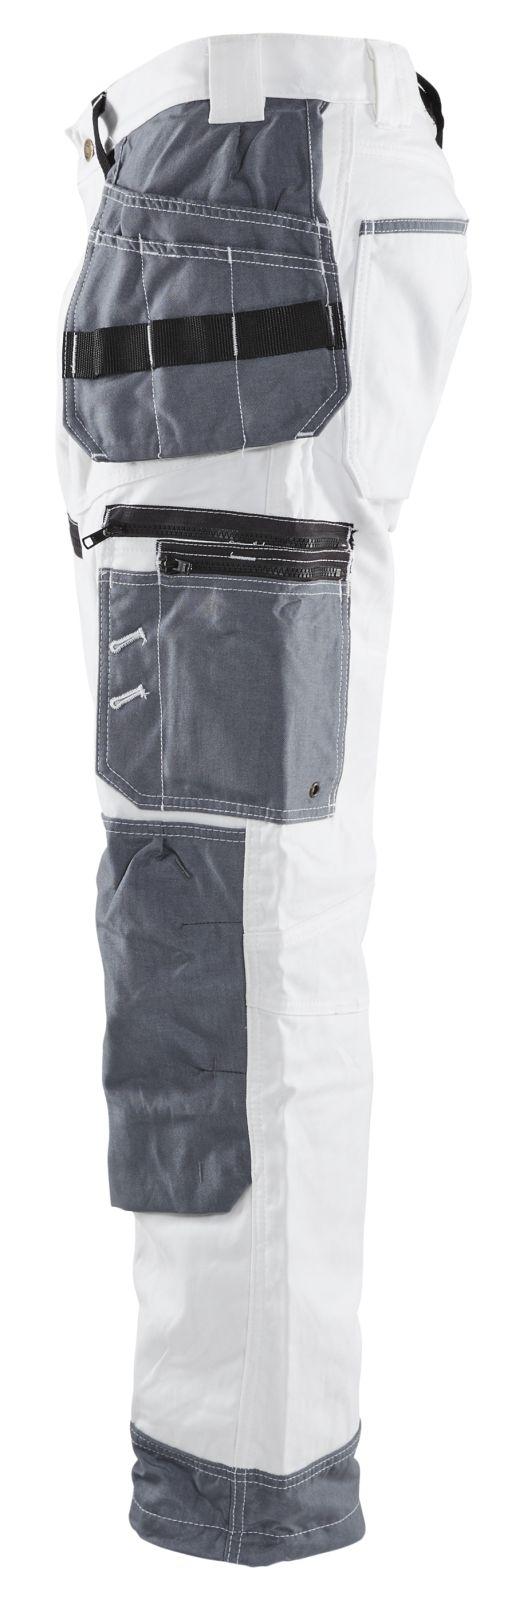 Blaklader Broeken 15101210 wit-grijs(1094)